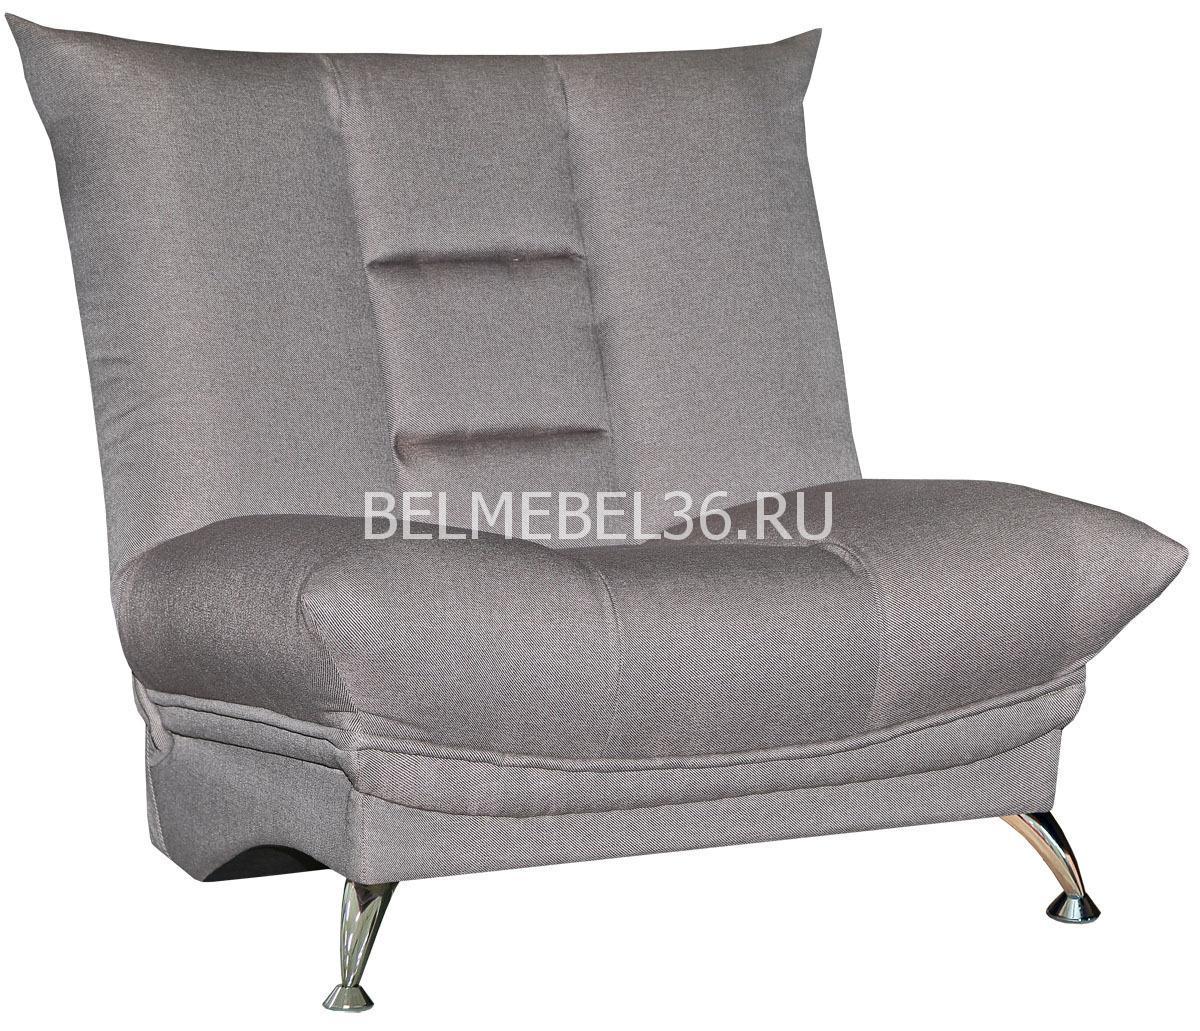 Шарро (12) П-Д148 | Белорусская мебель в Воронеже